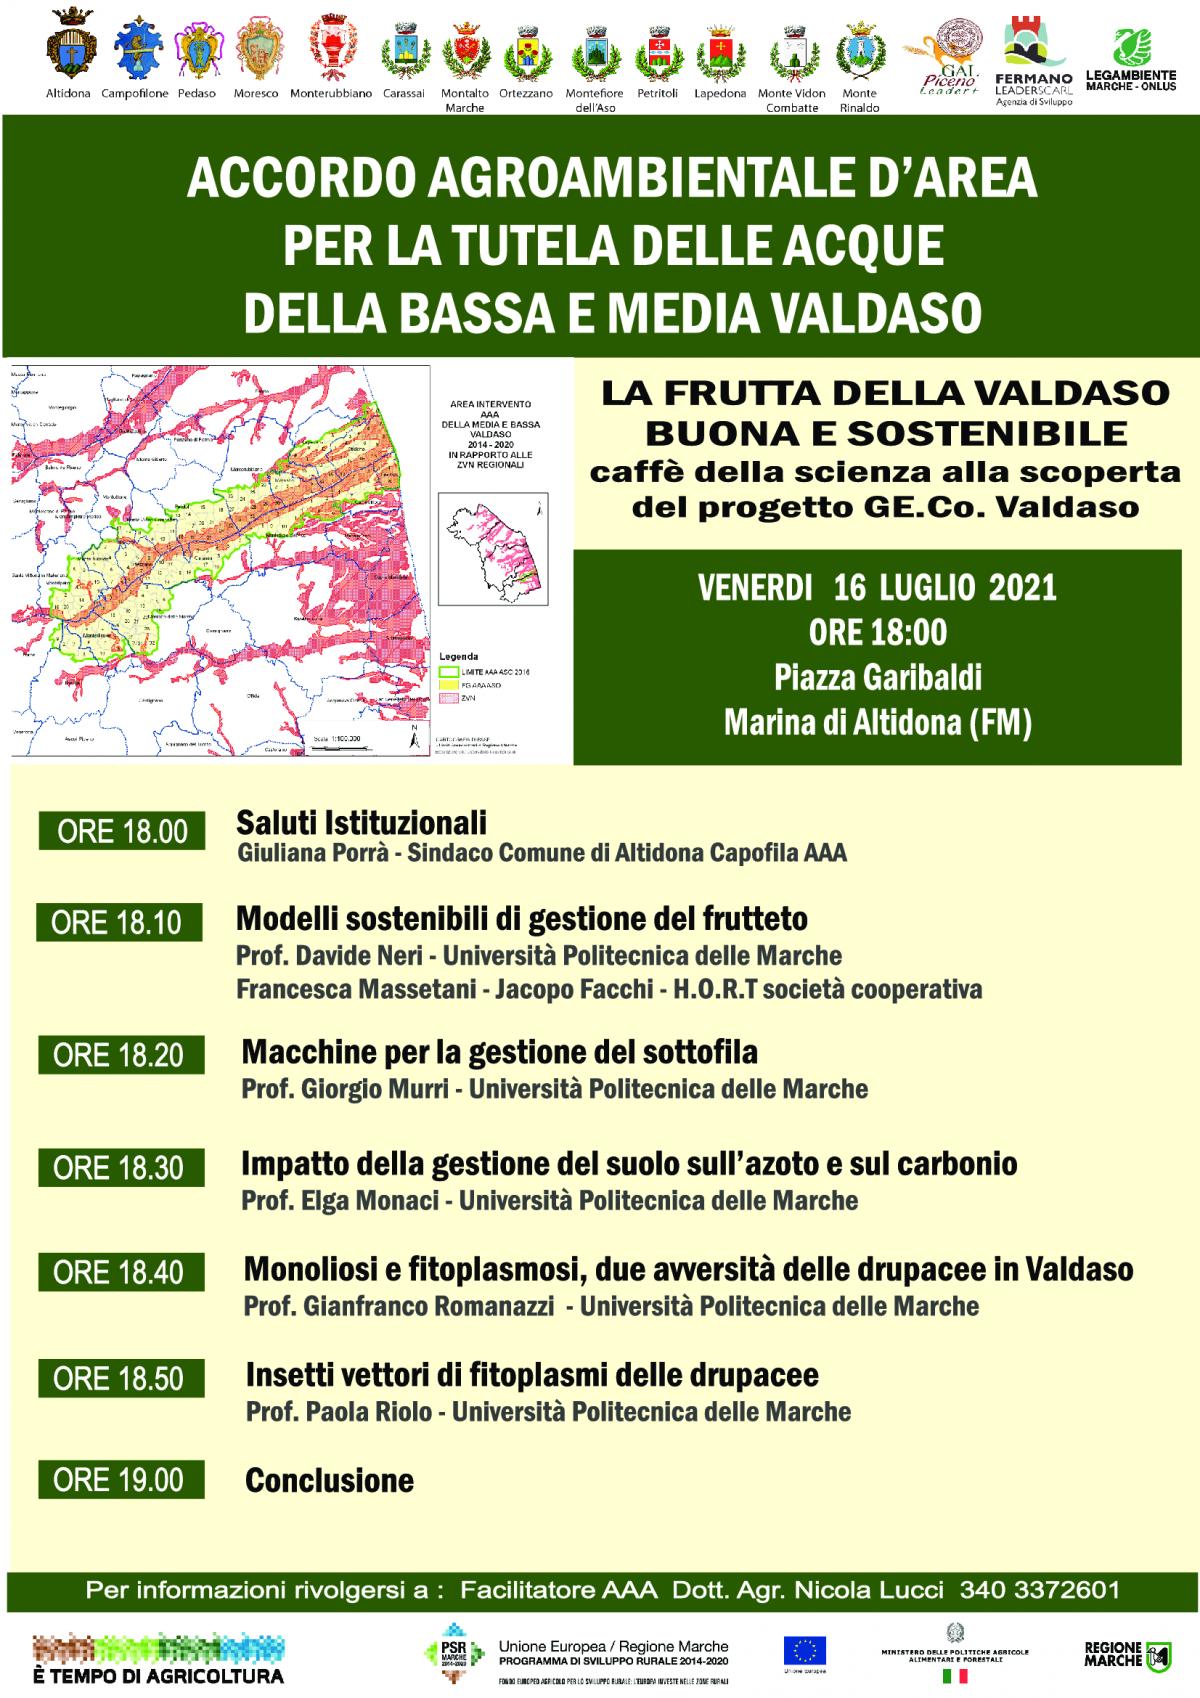 locandina-evento-16-luglio-2021-16.2-_Convertito_-_2_ (3)